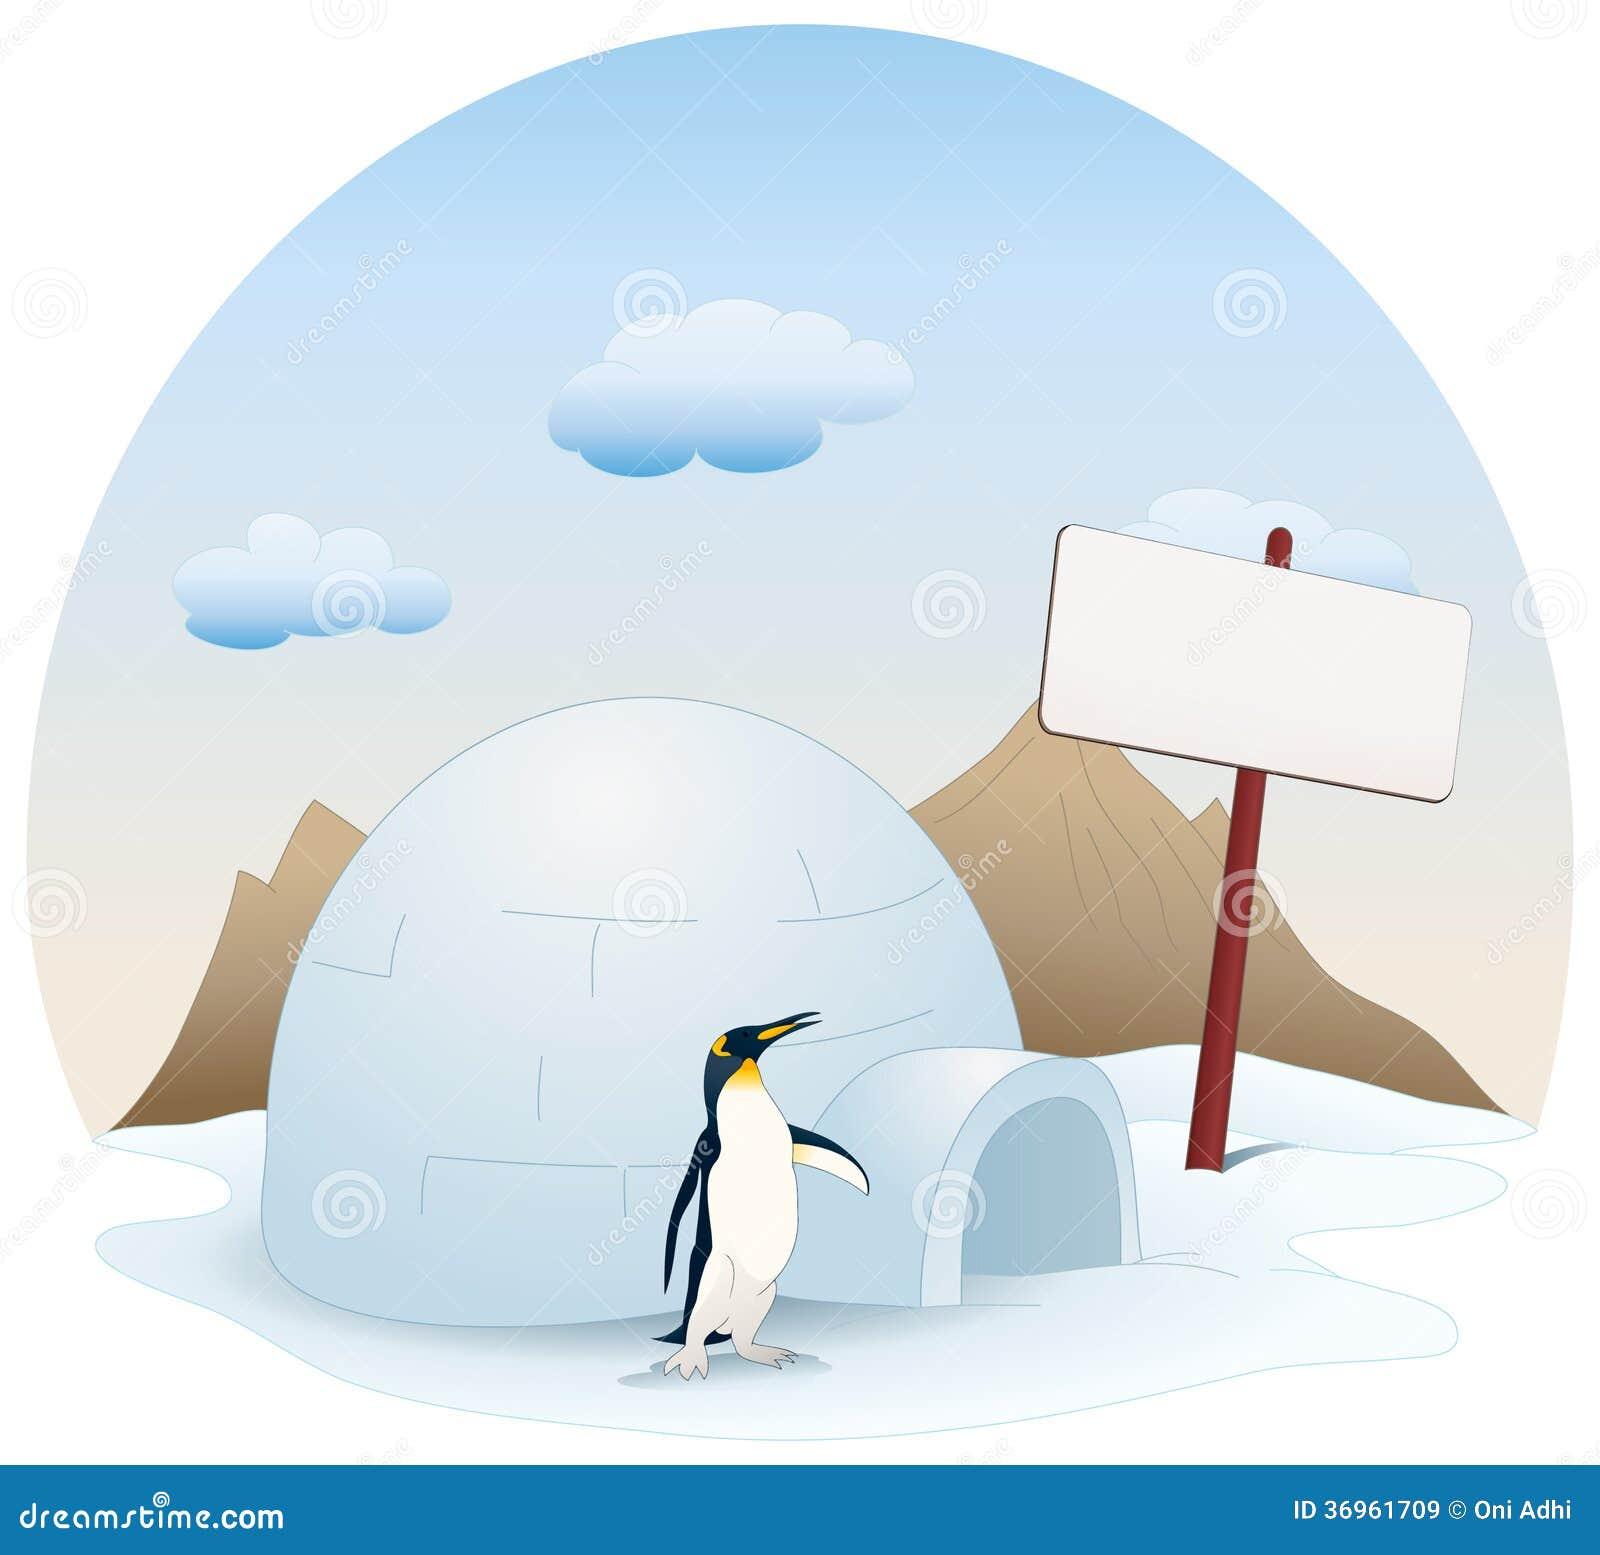 Snow igloo house on white snow